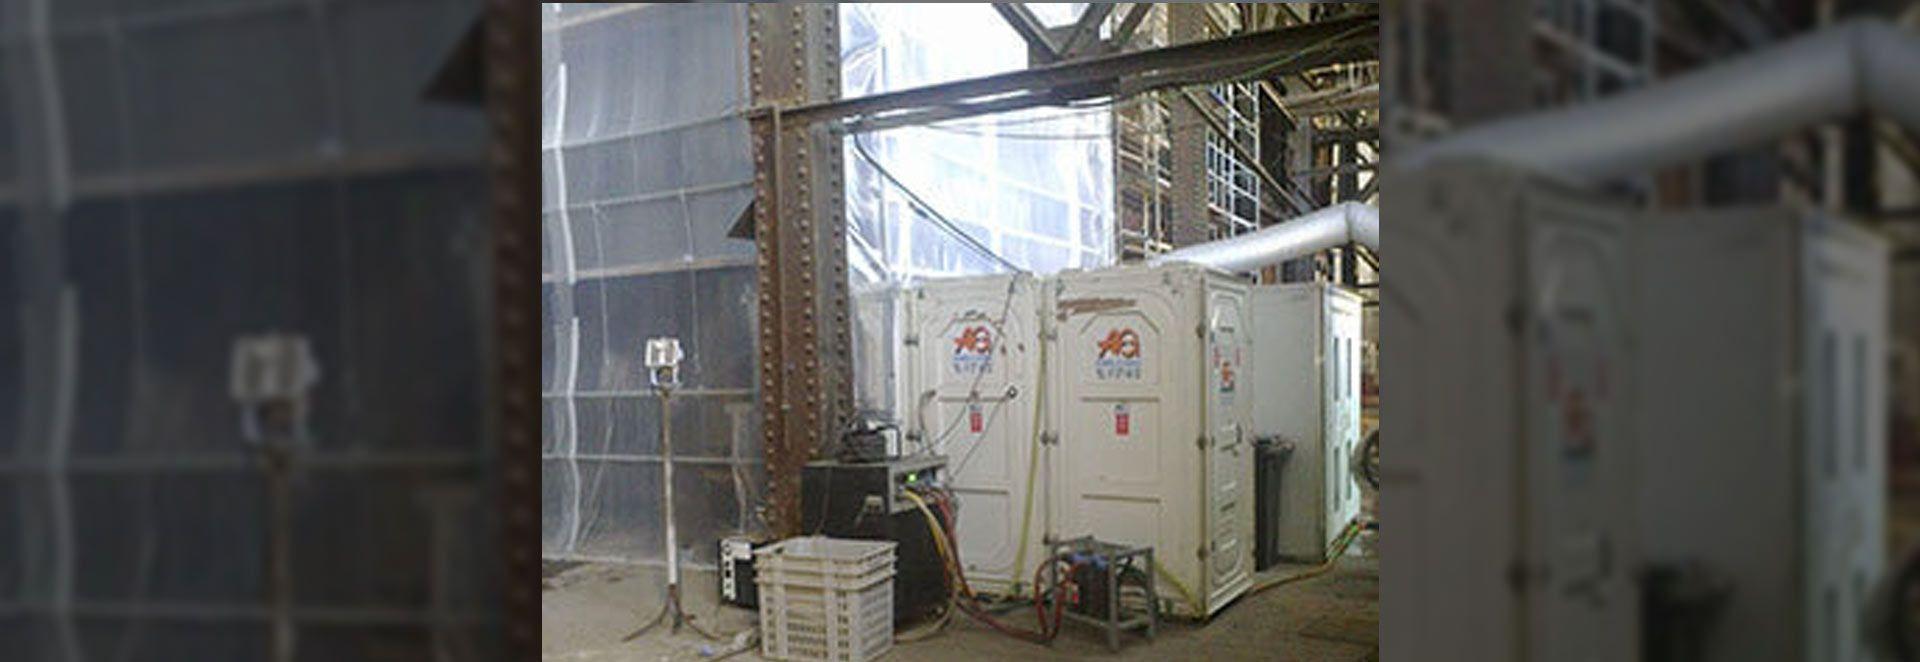 Desmontaje de amianto - Cápsula de desamiantado - AG Construcciones